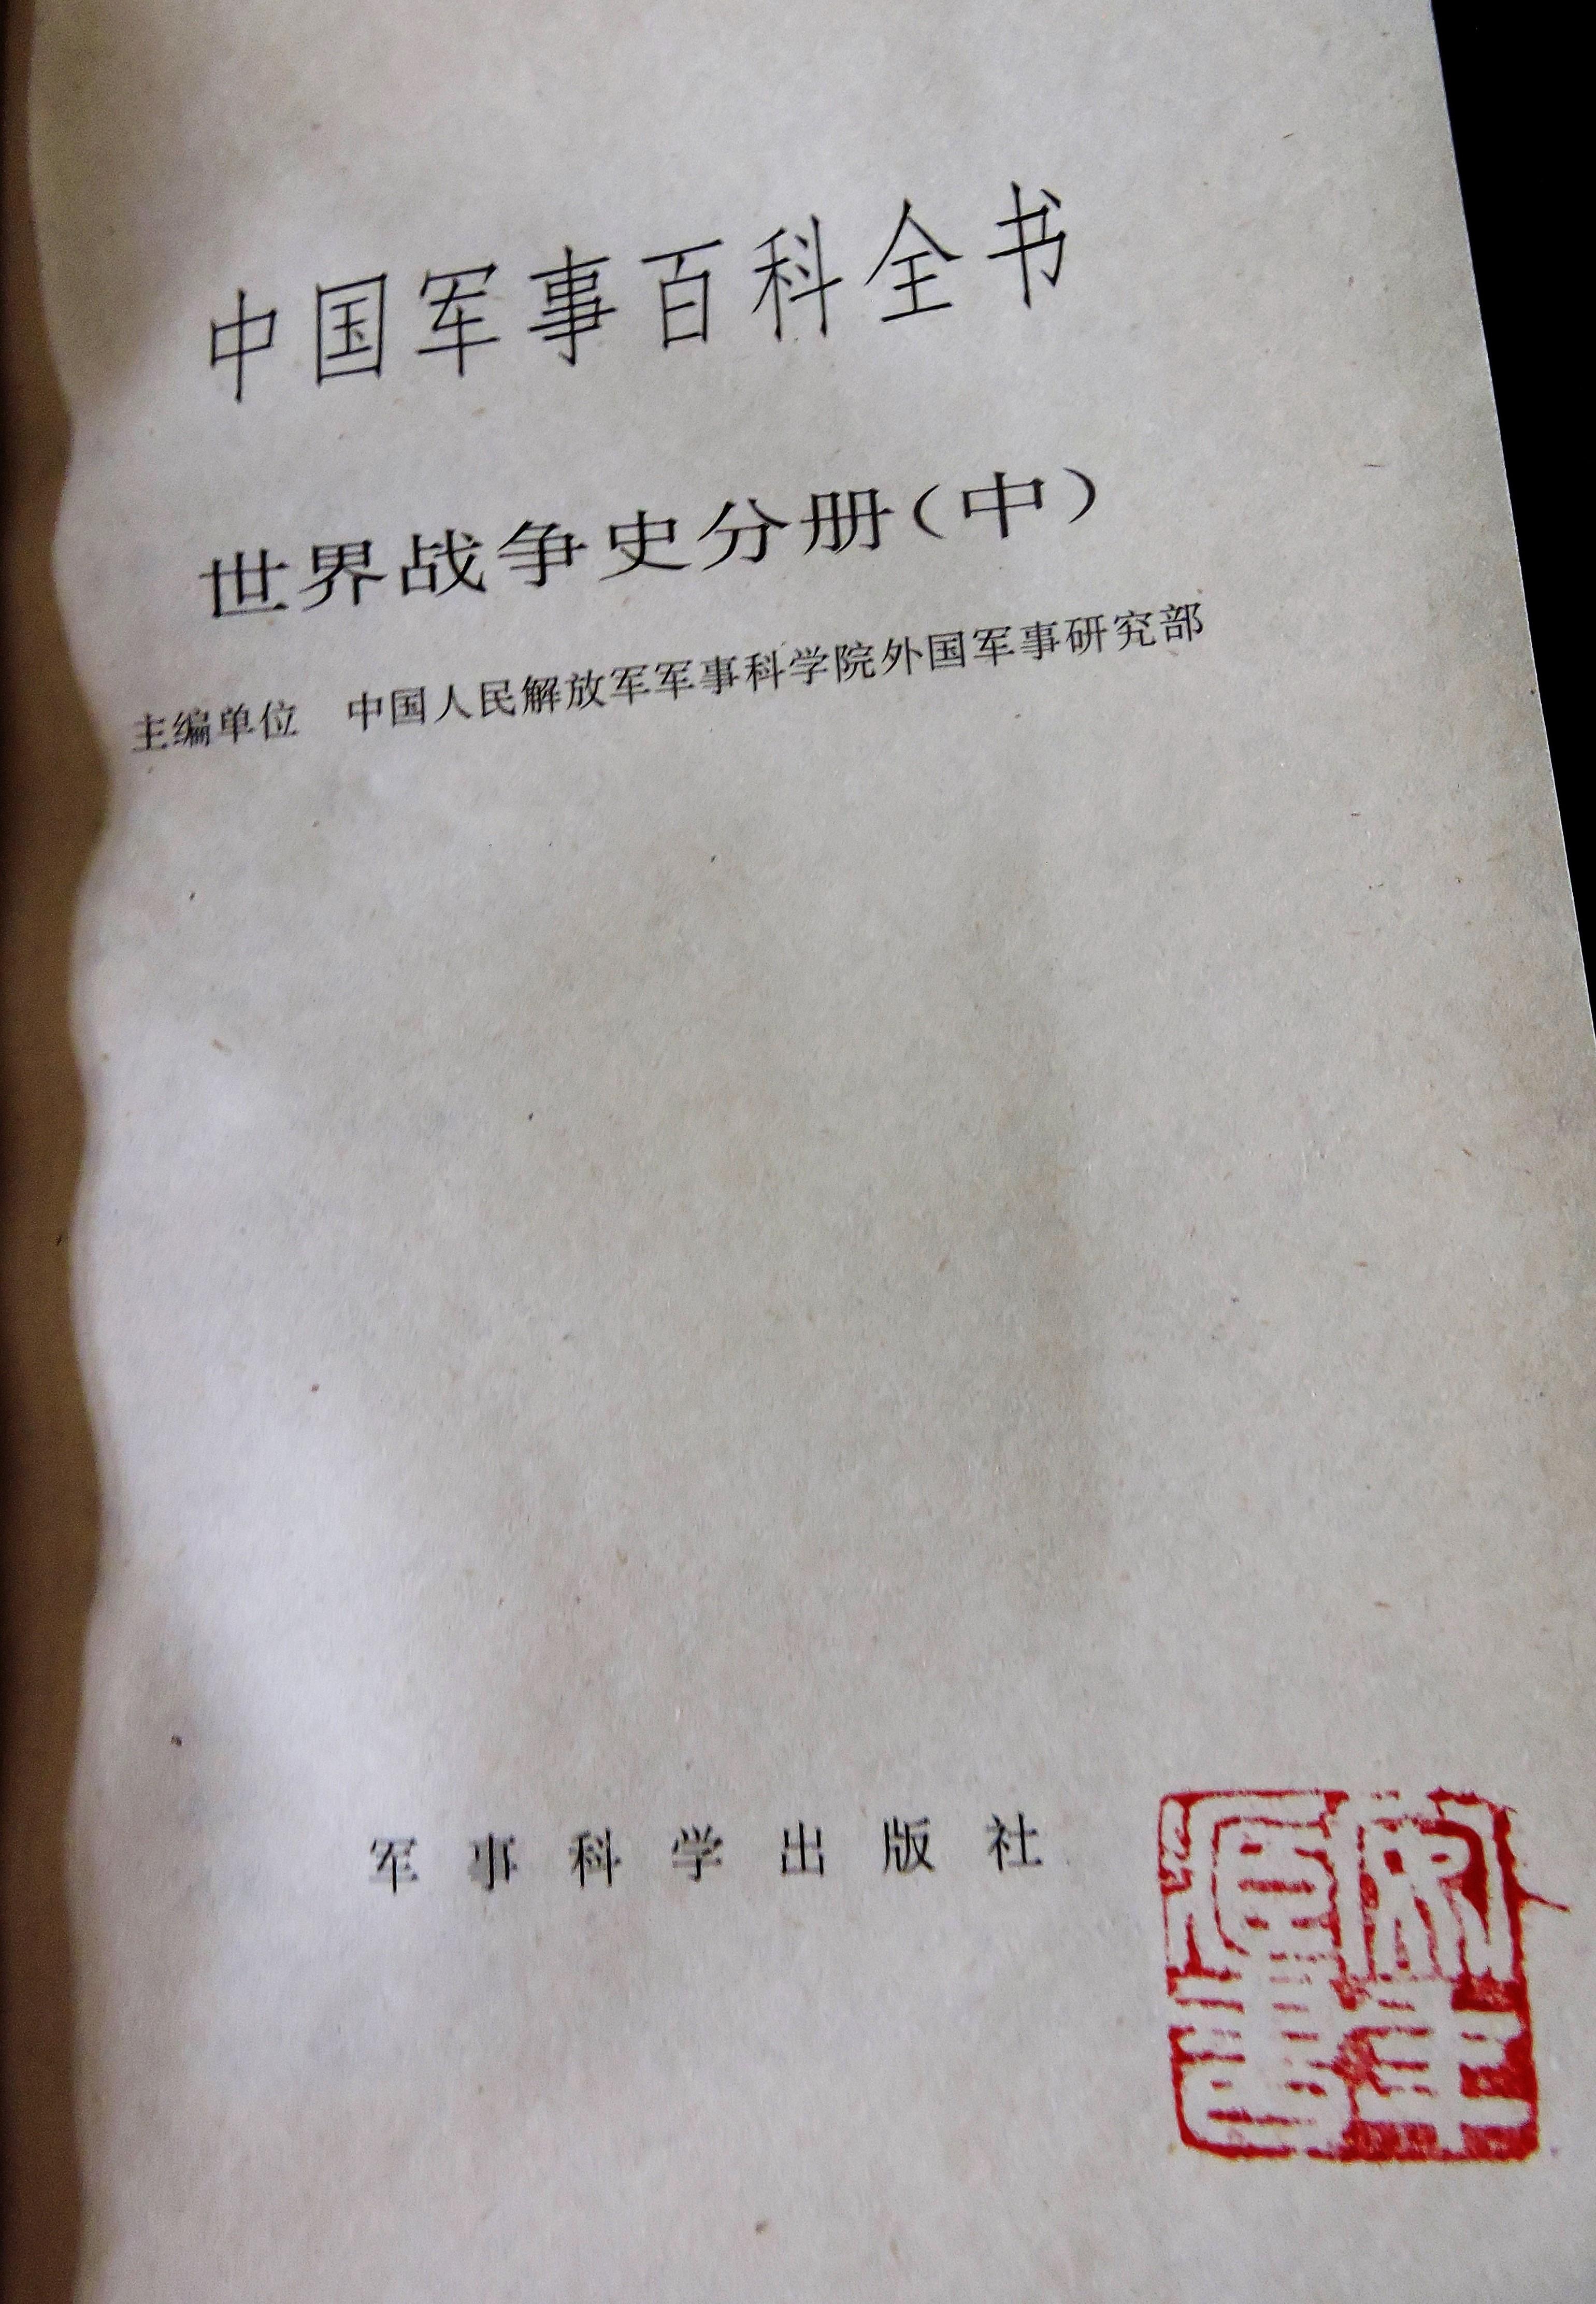 3 DSCN8359.jpg